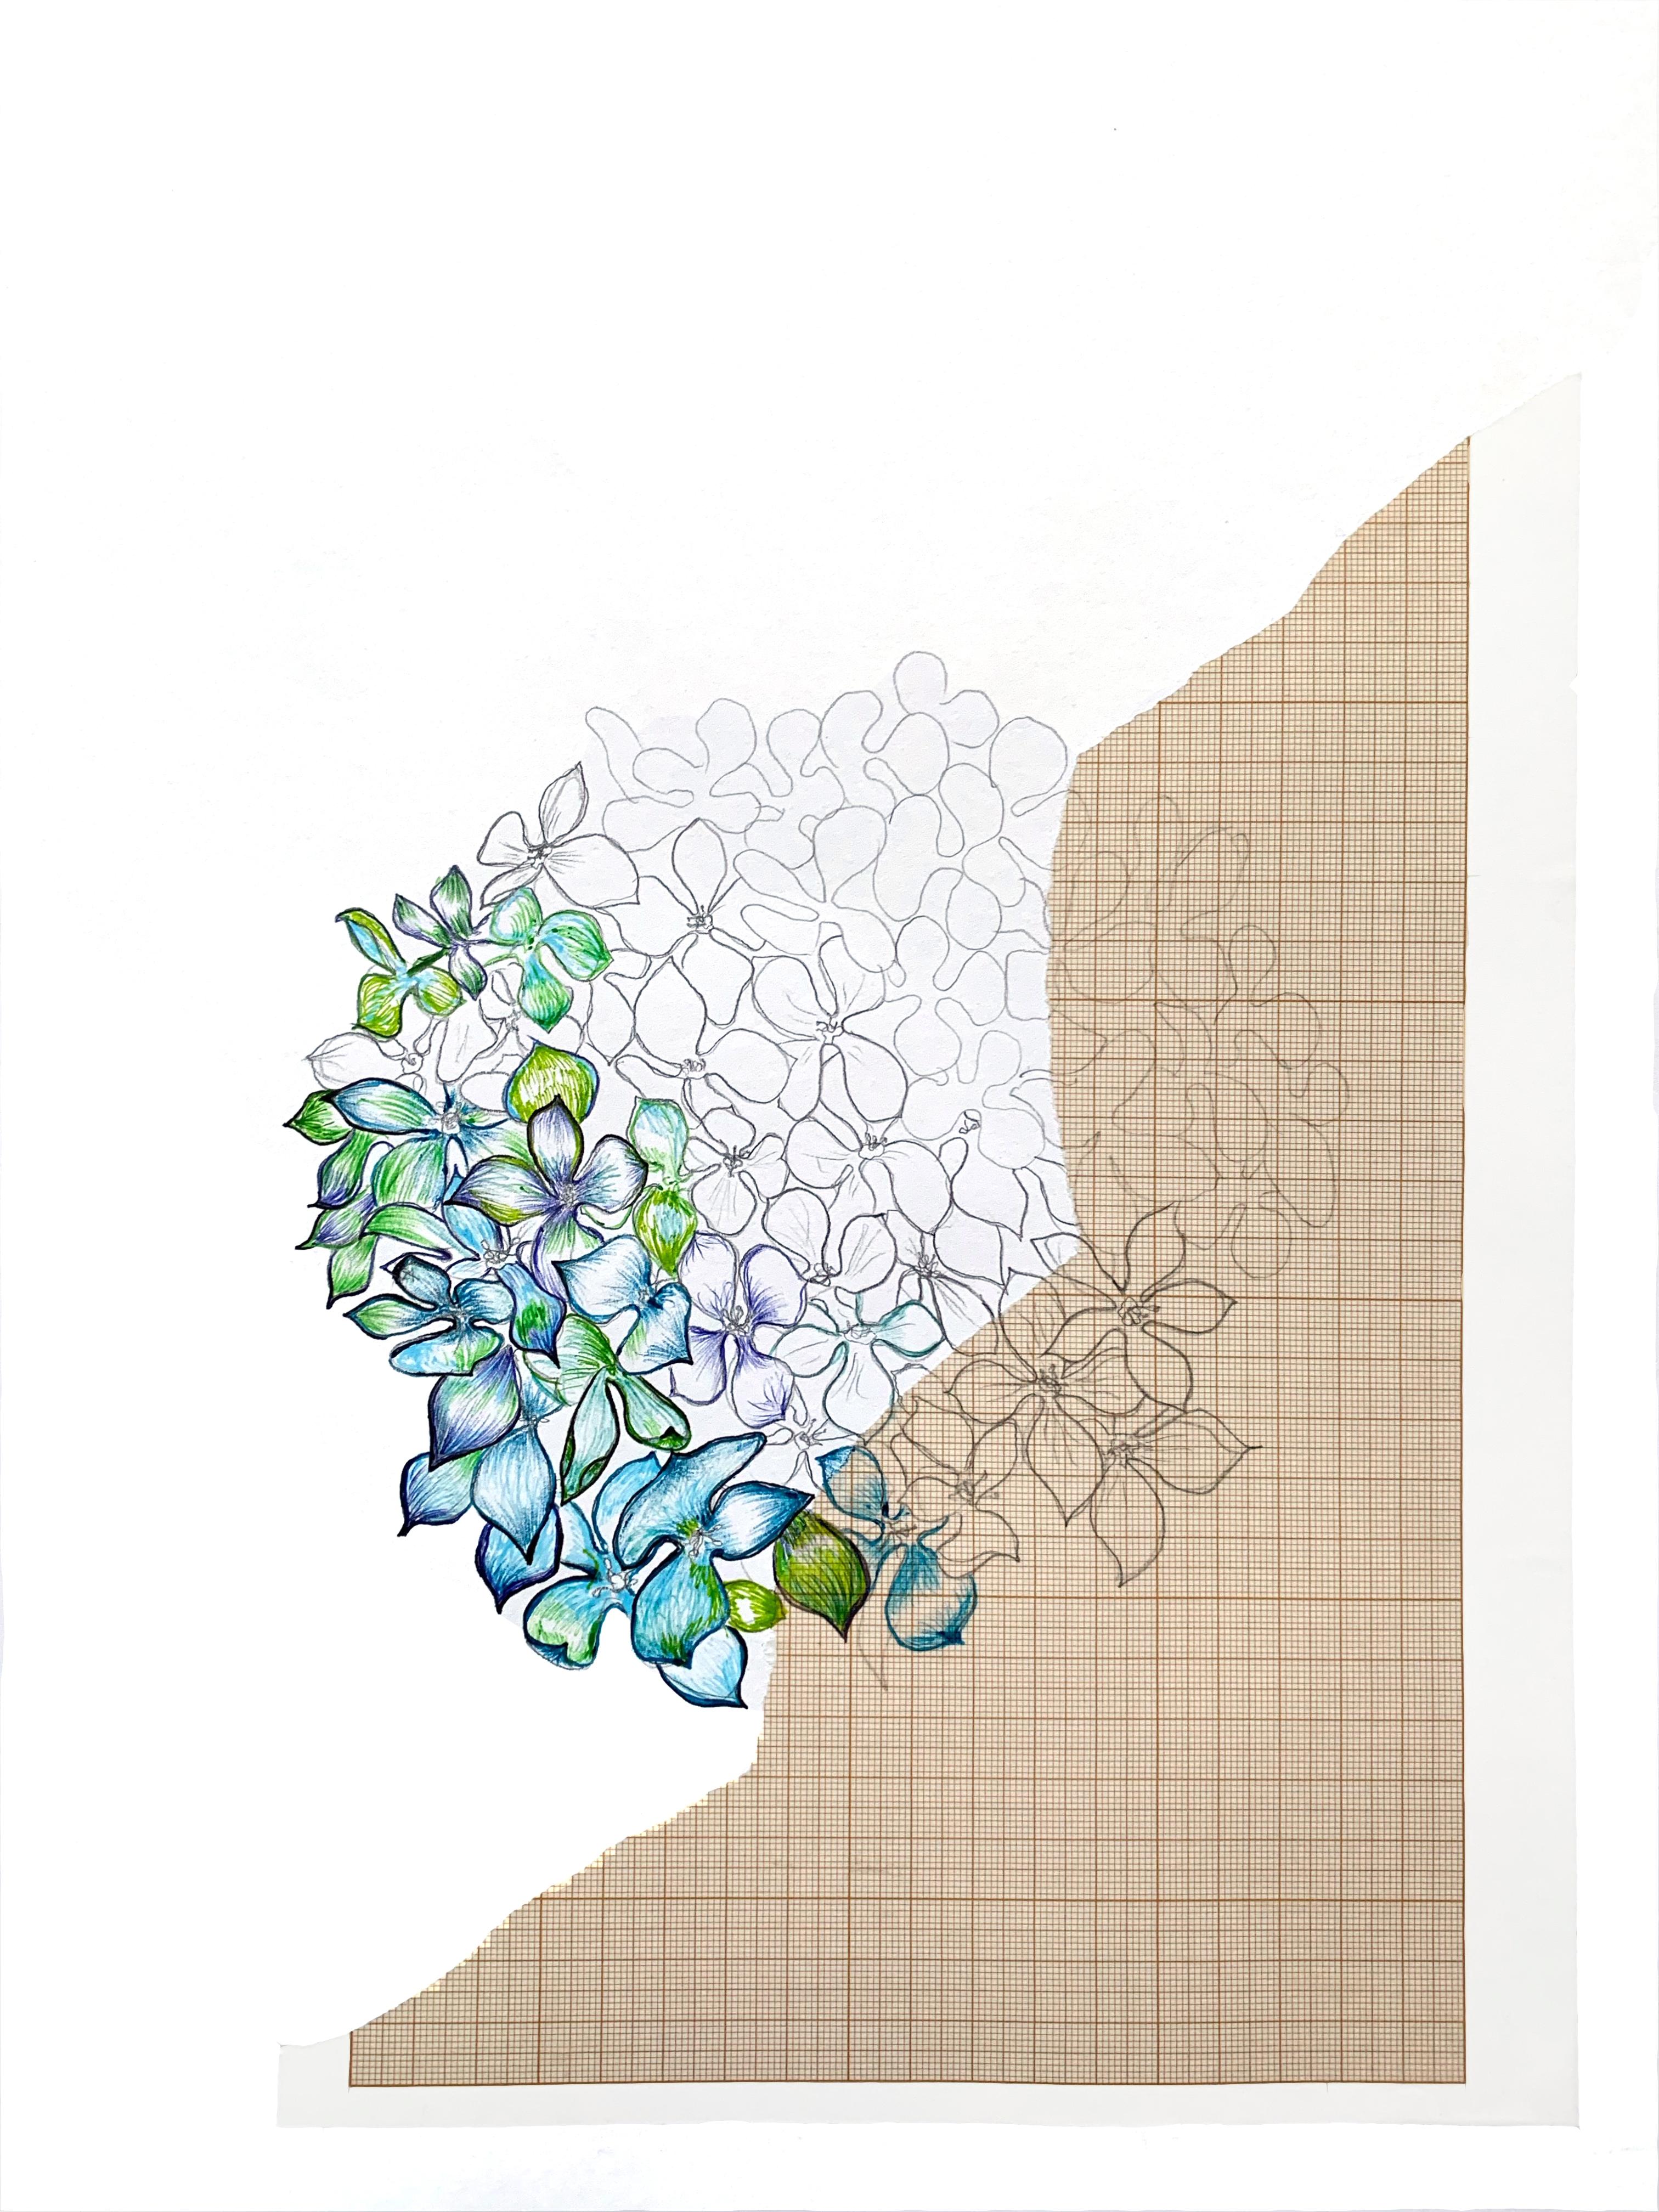 Non-linear Hydrangea I